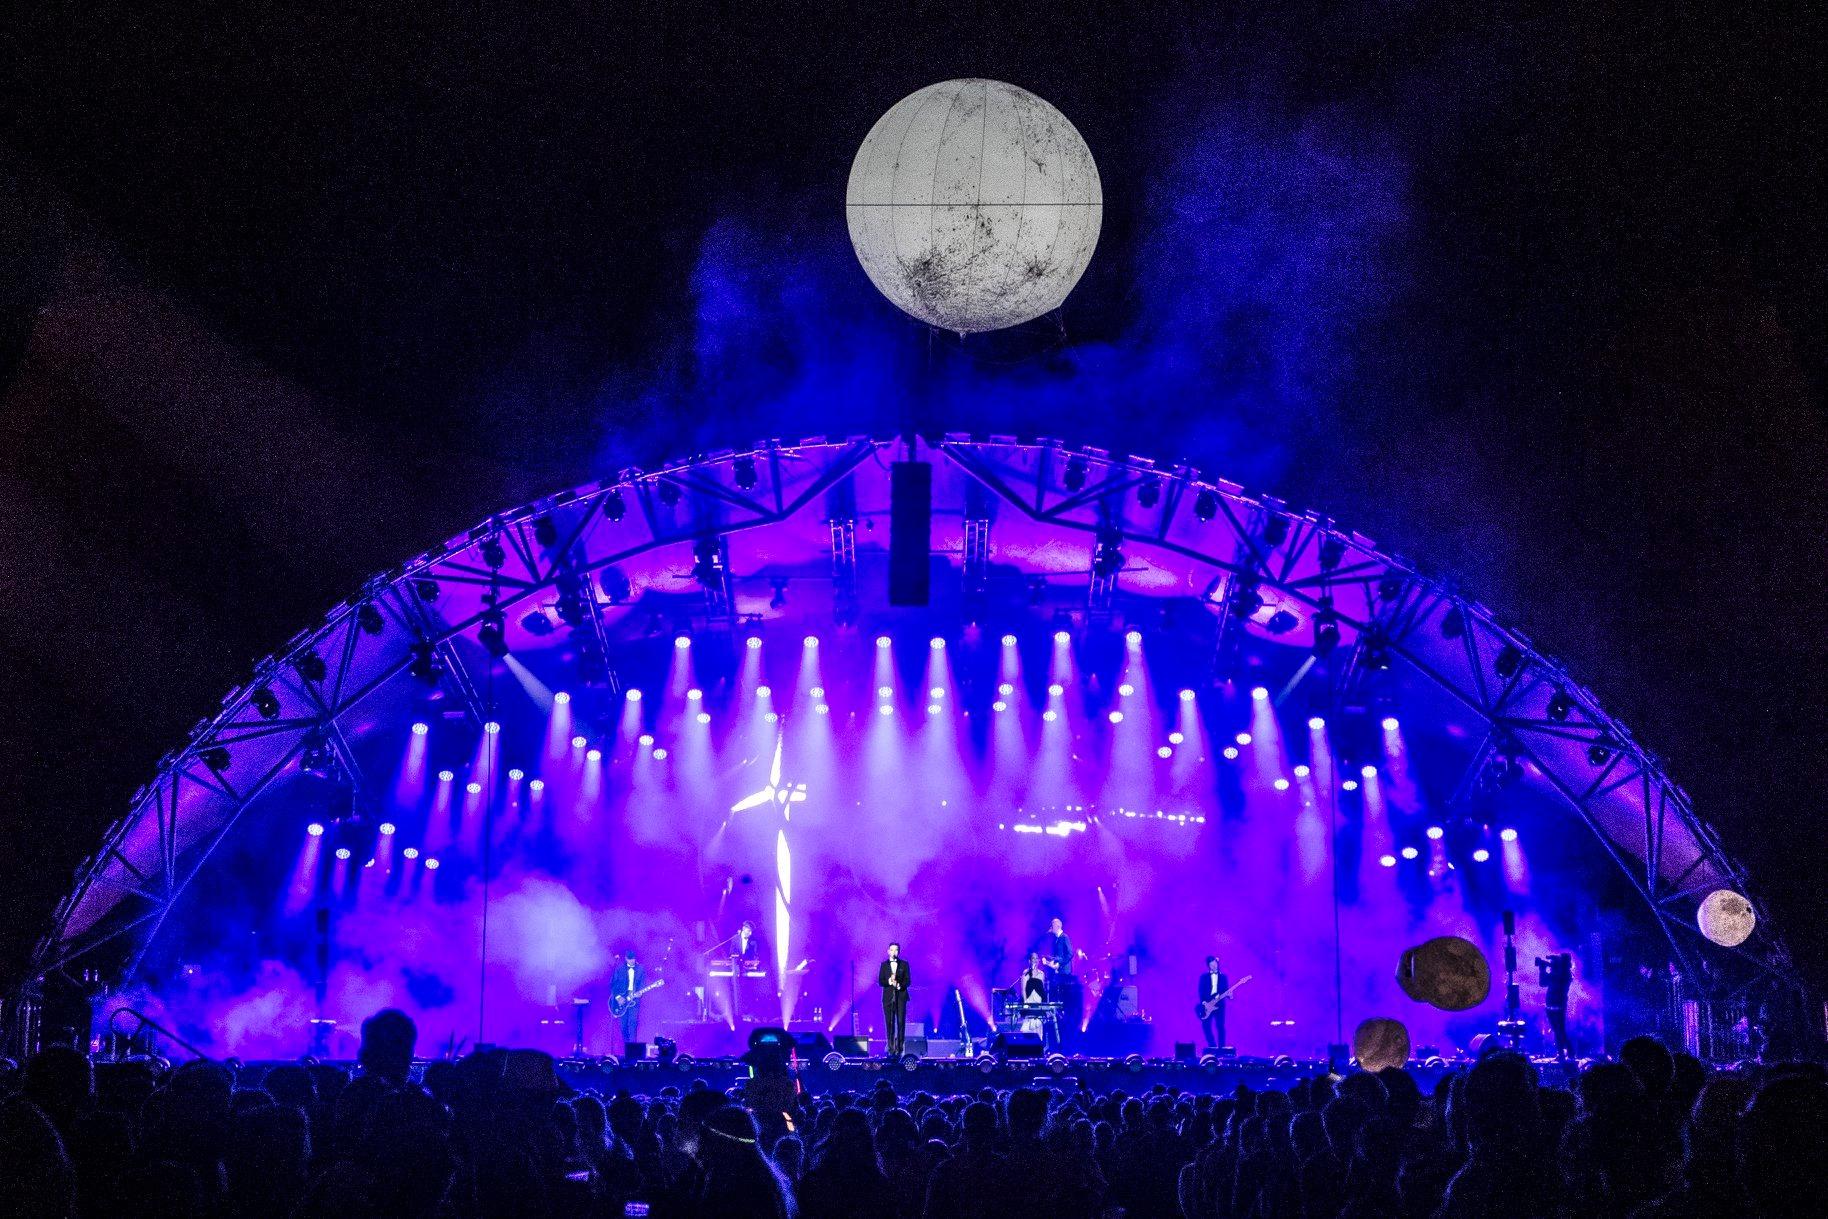 Reklamballong med ljus som jättemåne vid Roskilde Festivalen 2018